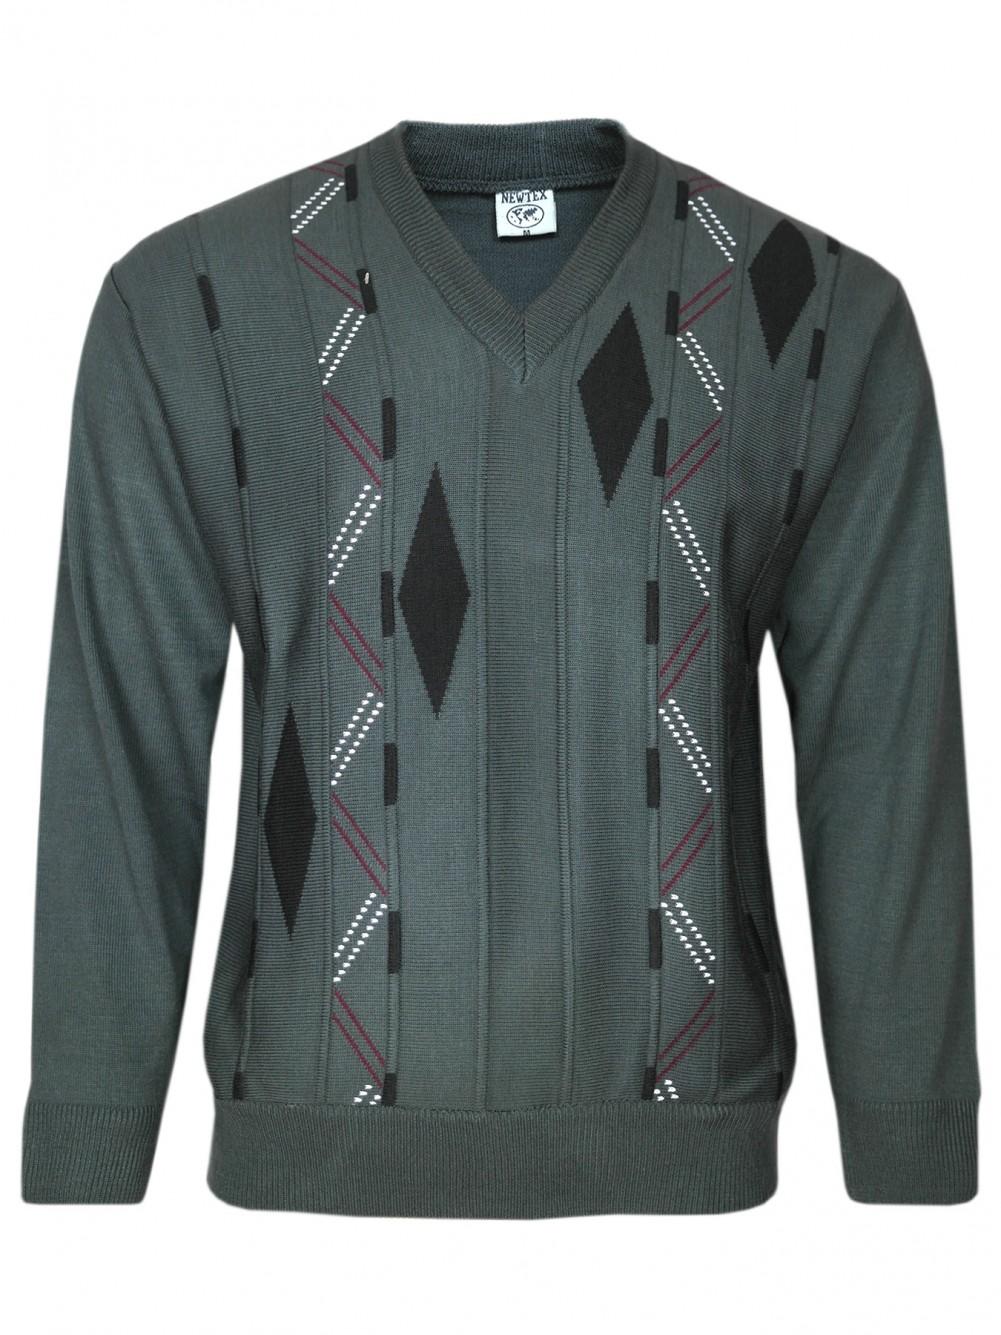 V-Ausschnitt-Pullover Langarm Herren Pullover - Anthrazit